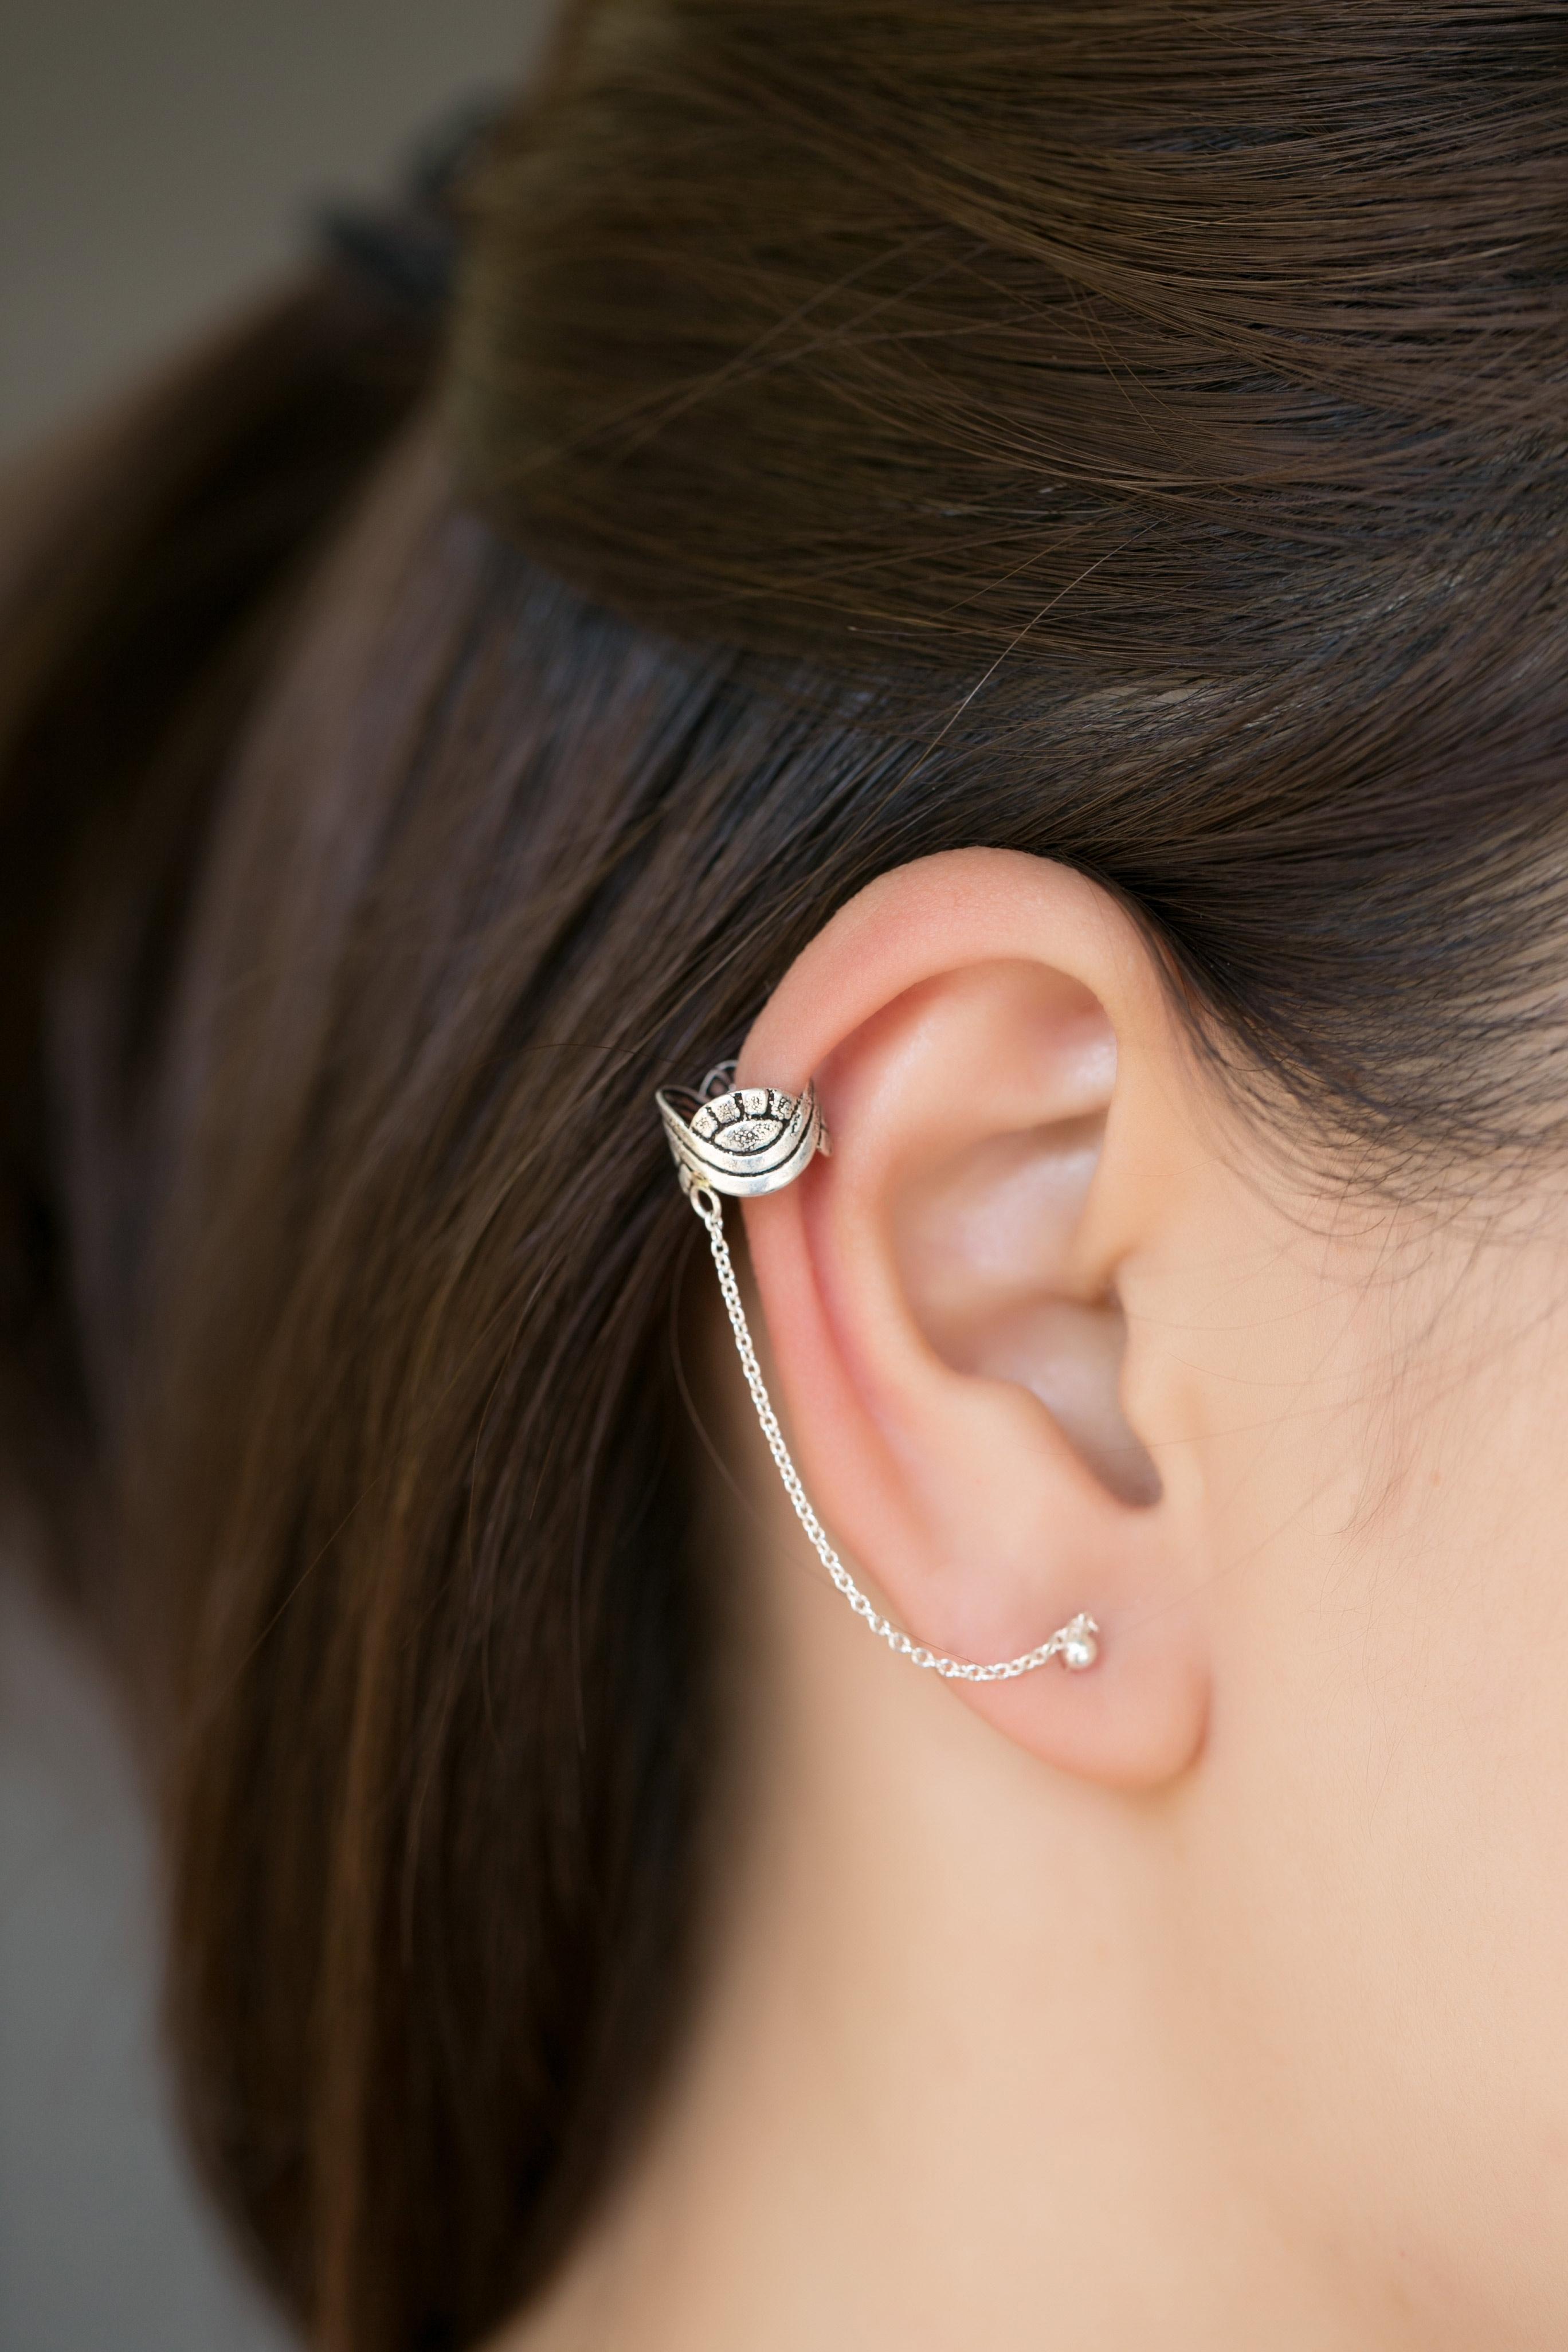 Overpass Ear Cuff Studs